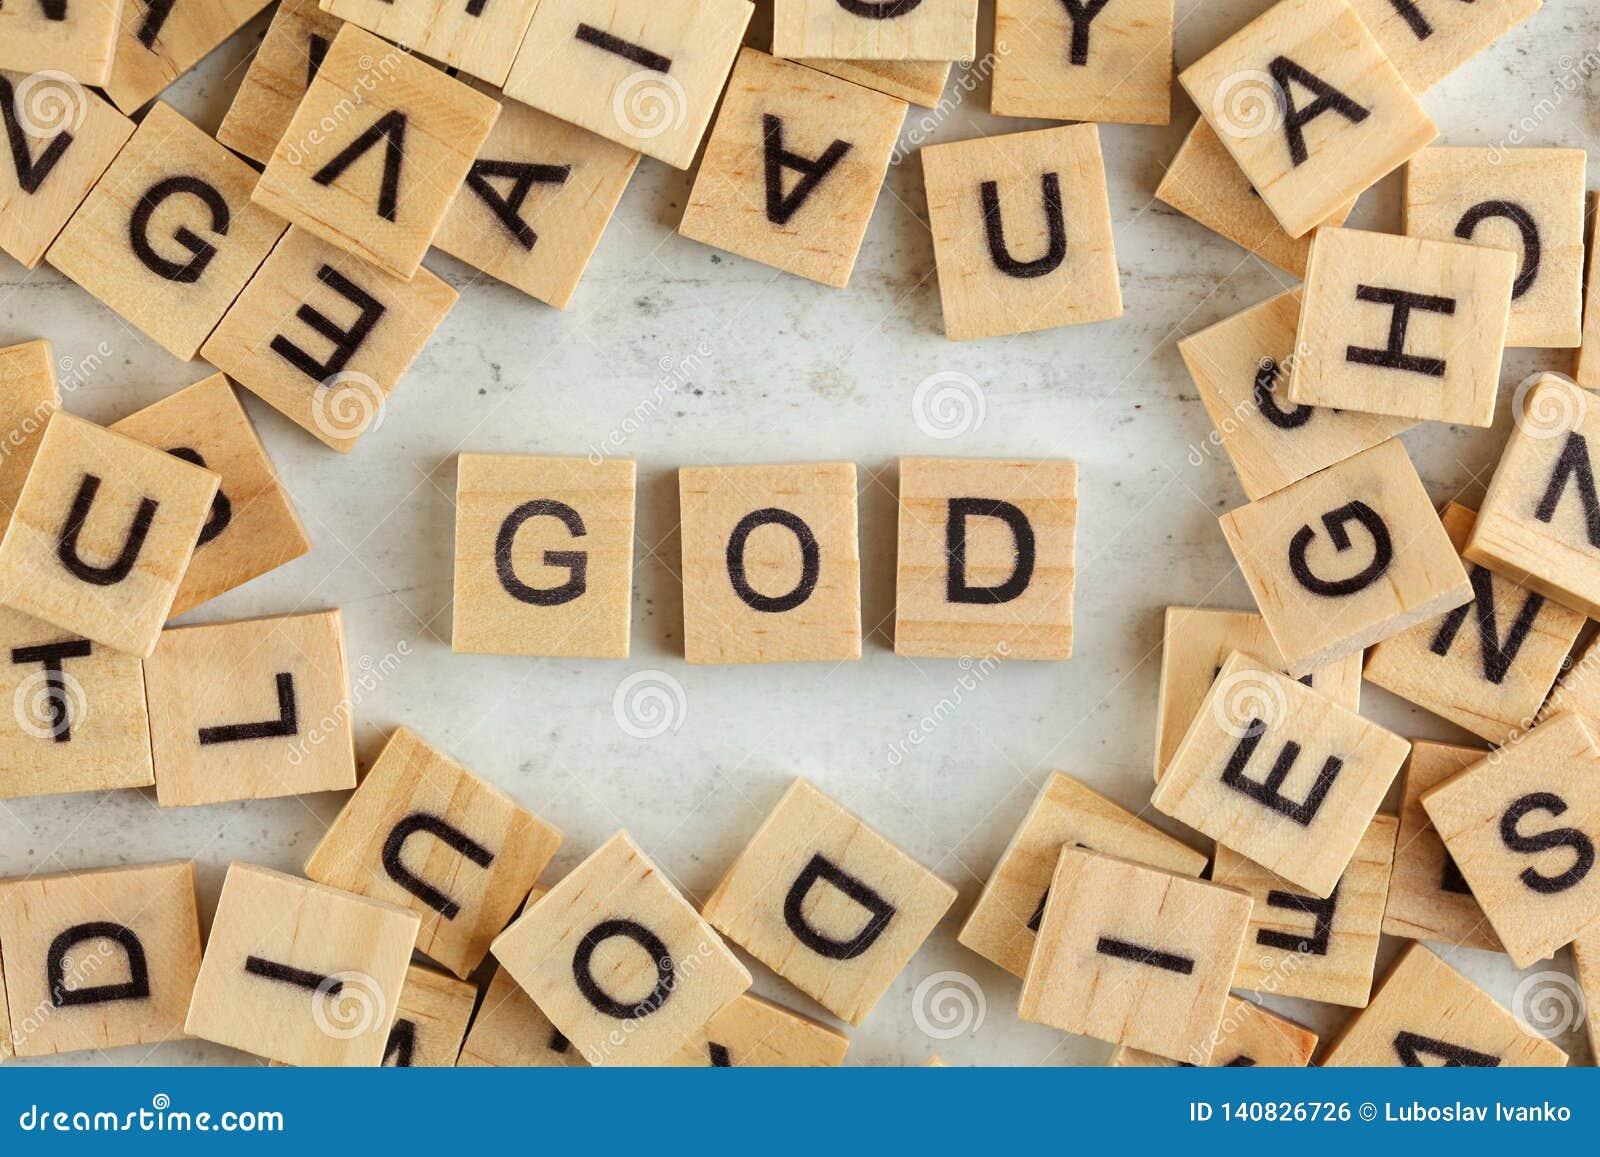 Top abajo de la visión, pila de bloques de madera cuadrados con DIOS de las letras en el tablero blanco